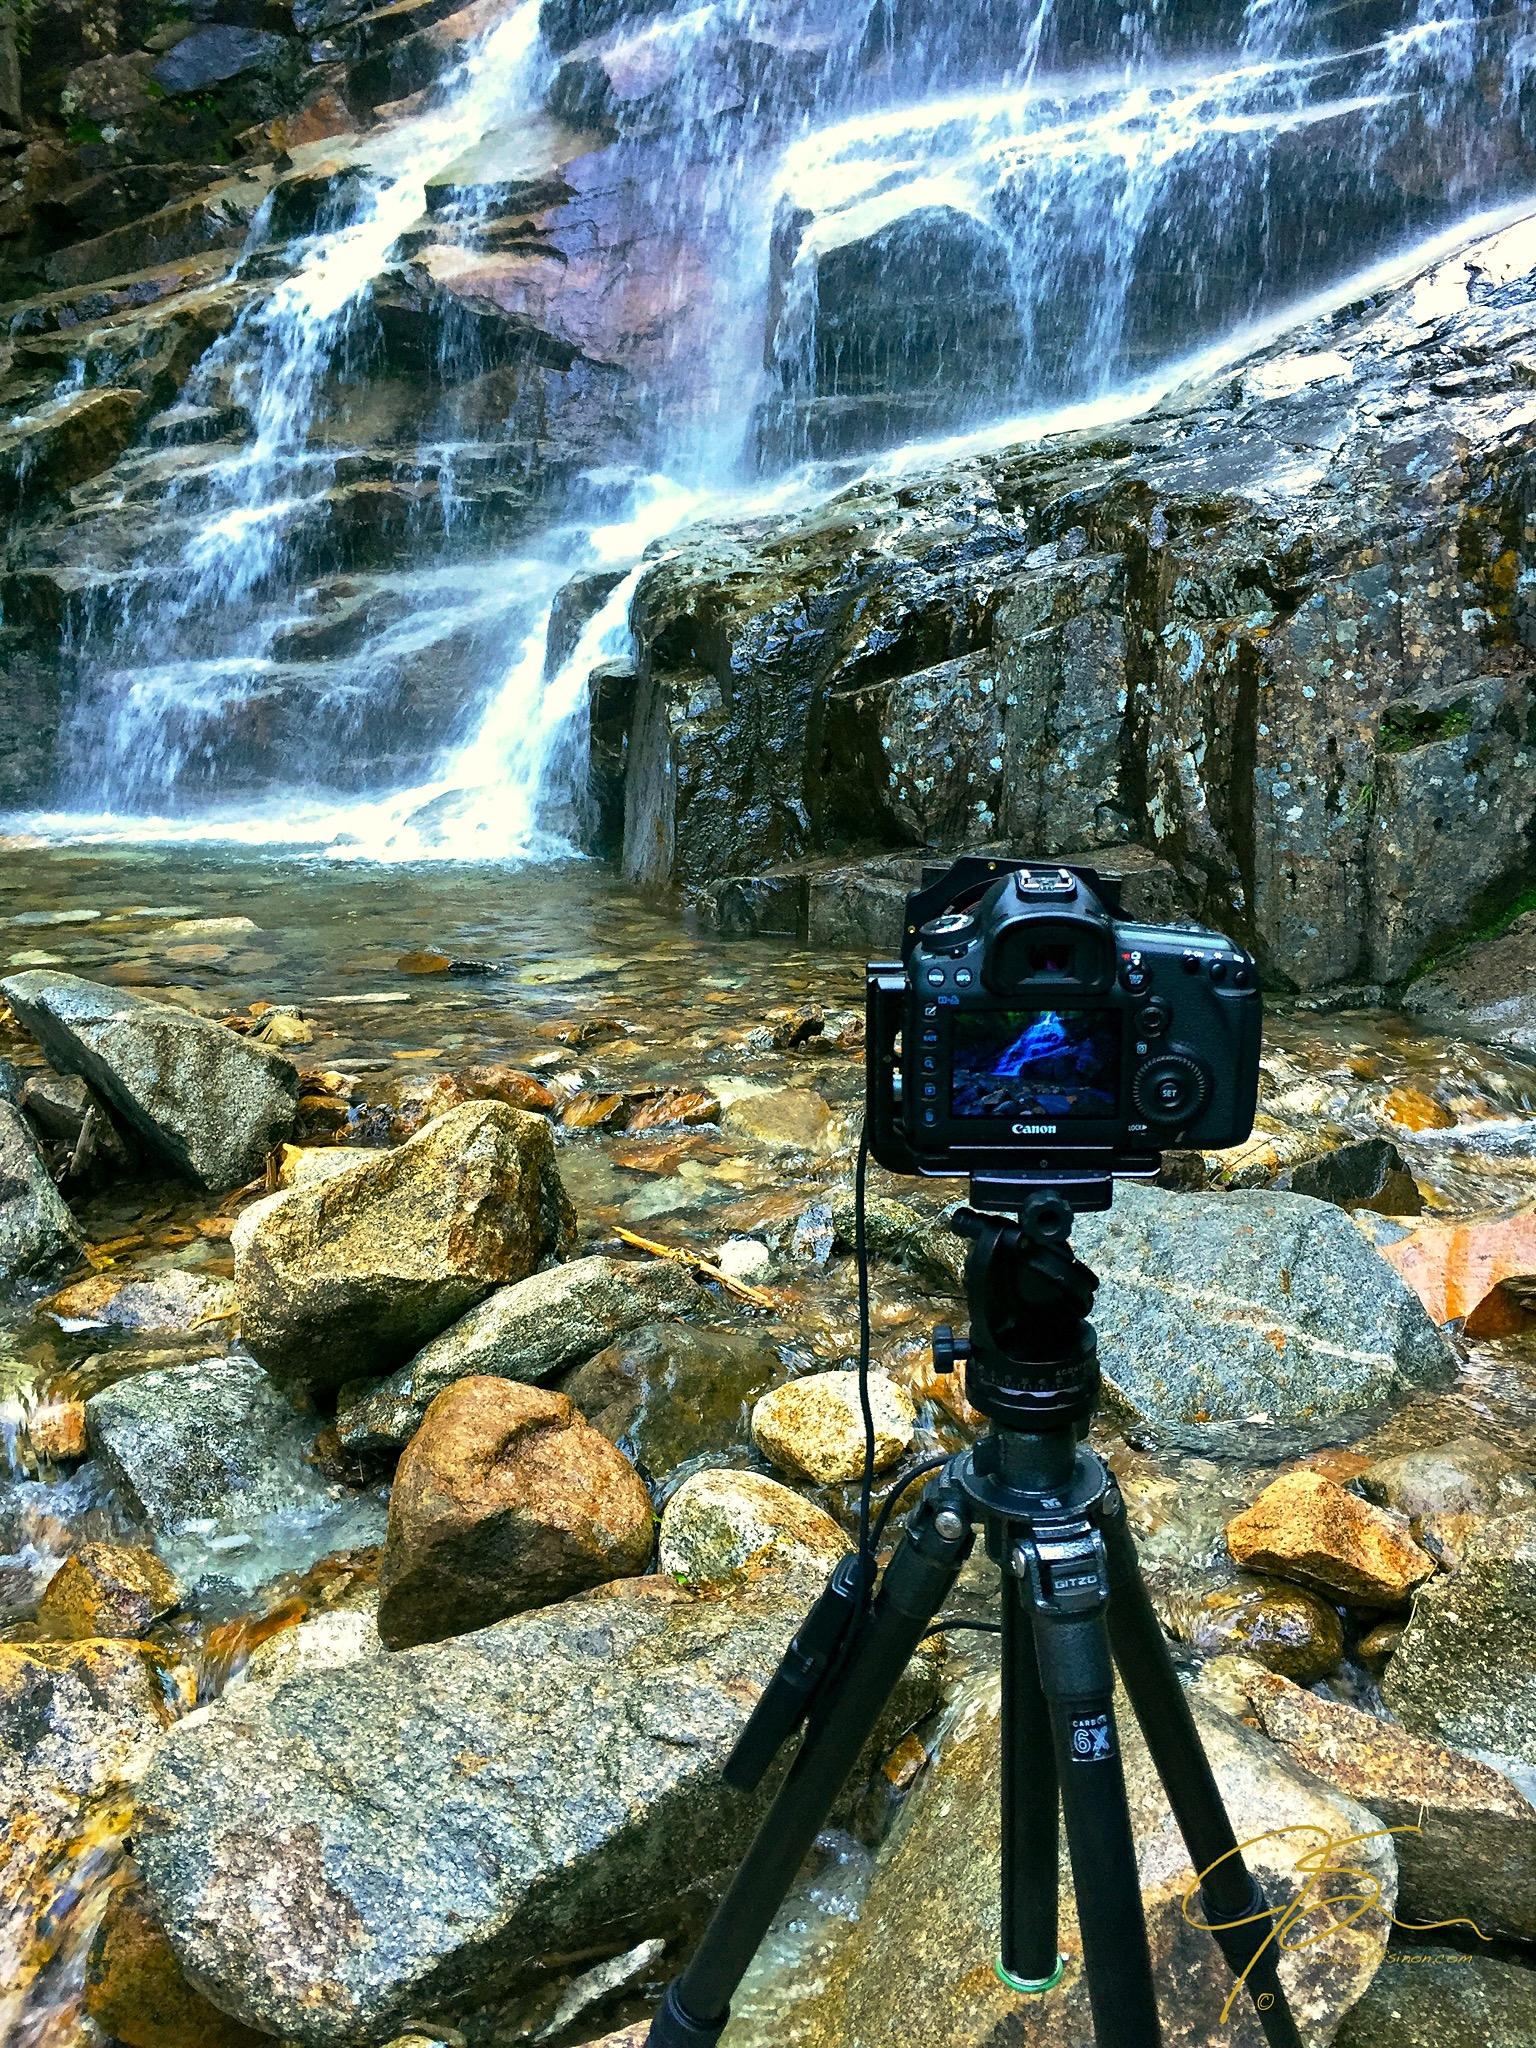 canon gitzo tripod waterfall long exposure